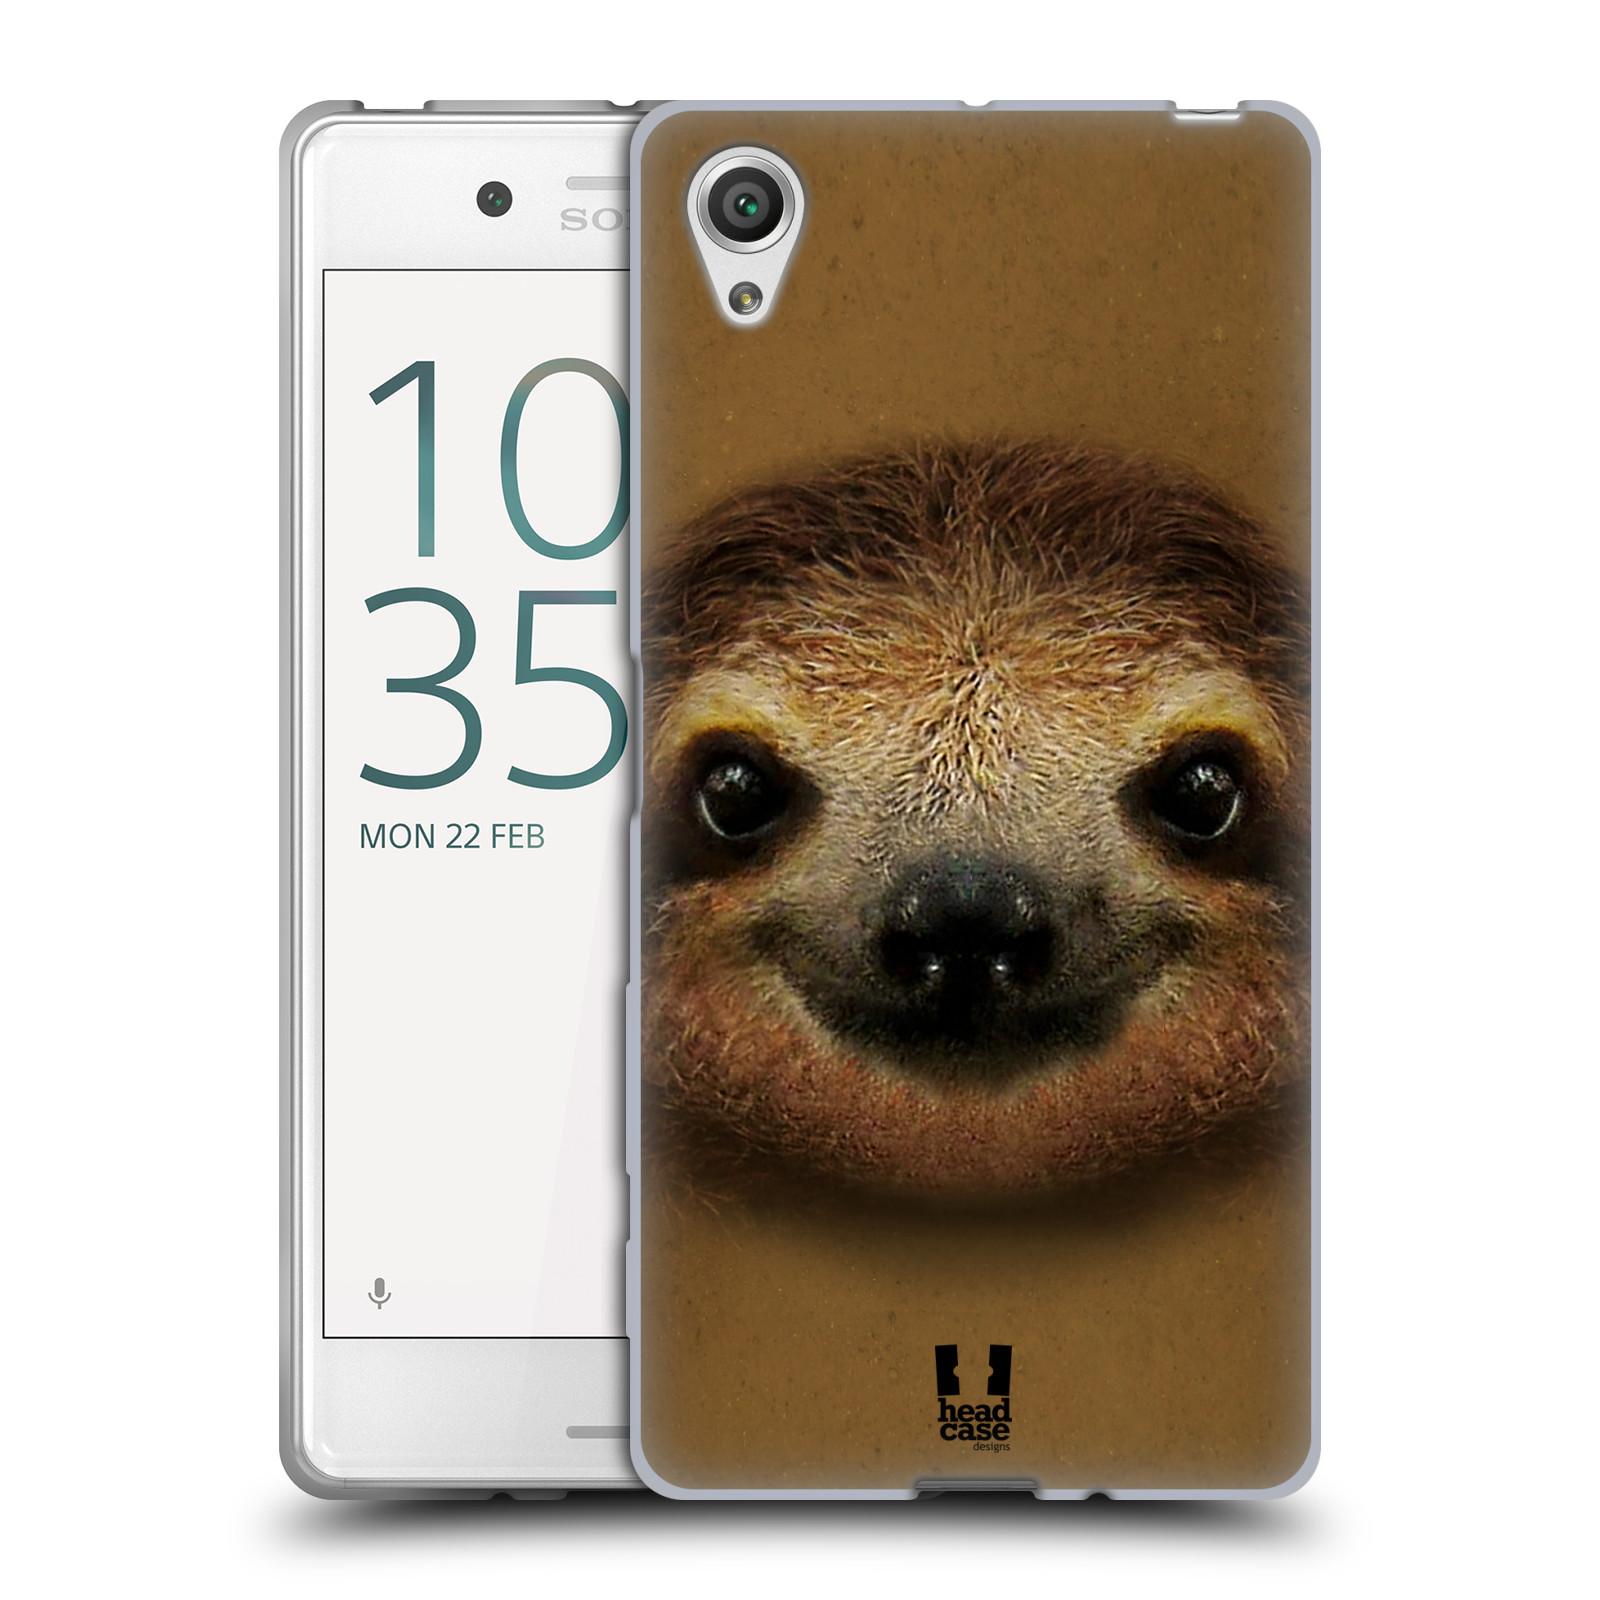 HEAD CASE silikonový obal na mobil Sony Xperia X / X DUAL vzor Zvířecí tváře 2 lenochod